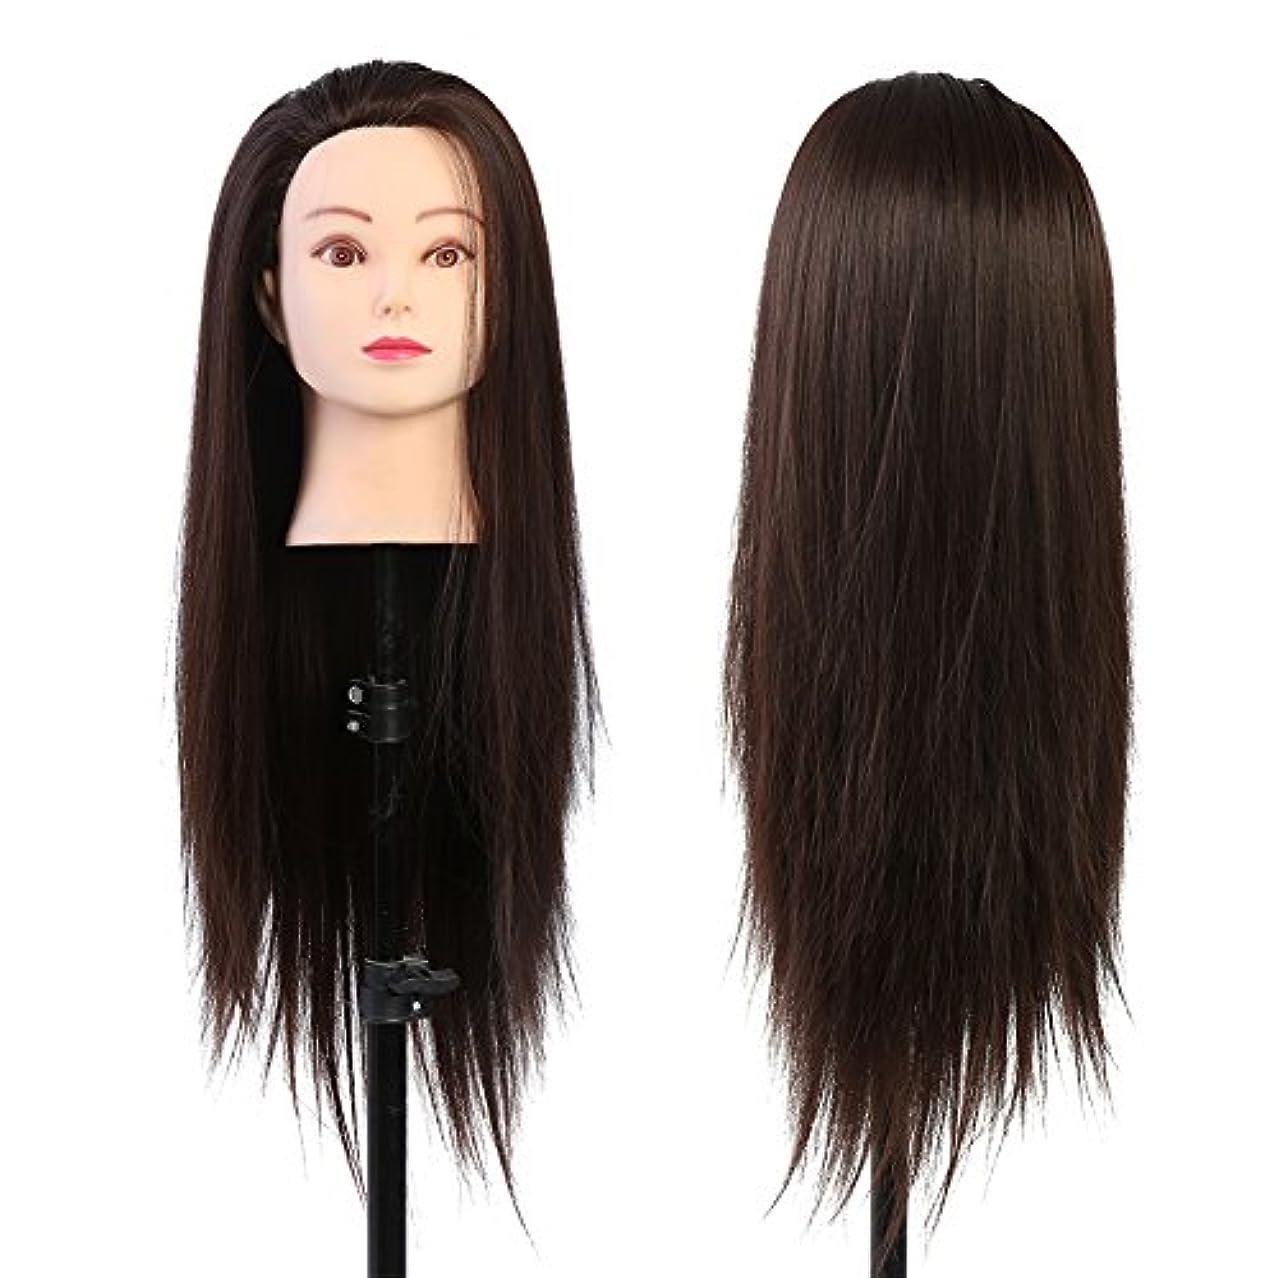 スリチンモイアクロバット閃光メイクアップマネキンヘッド美容院のトレーニングヘッド美容師の人形頭のブロンドダークブラウン